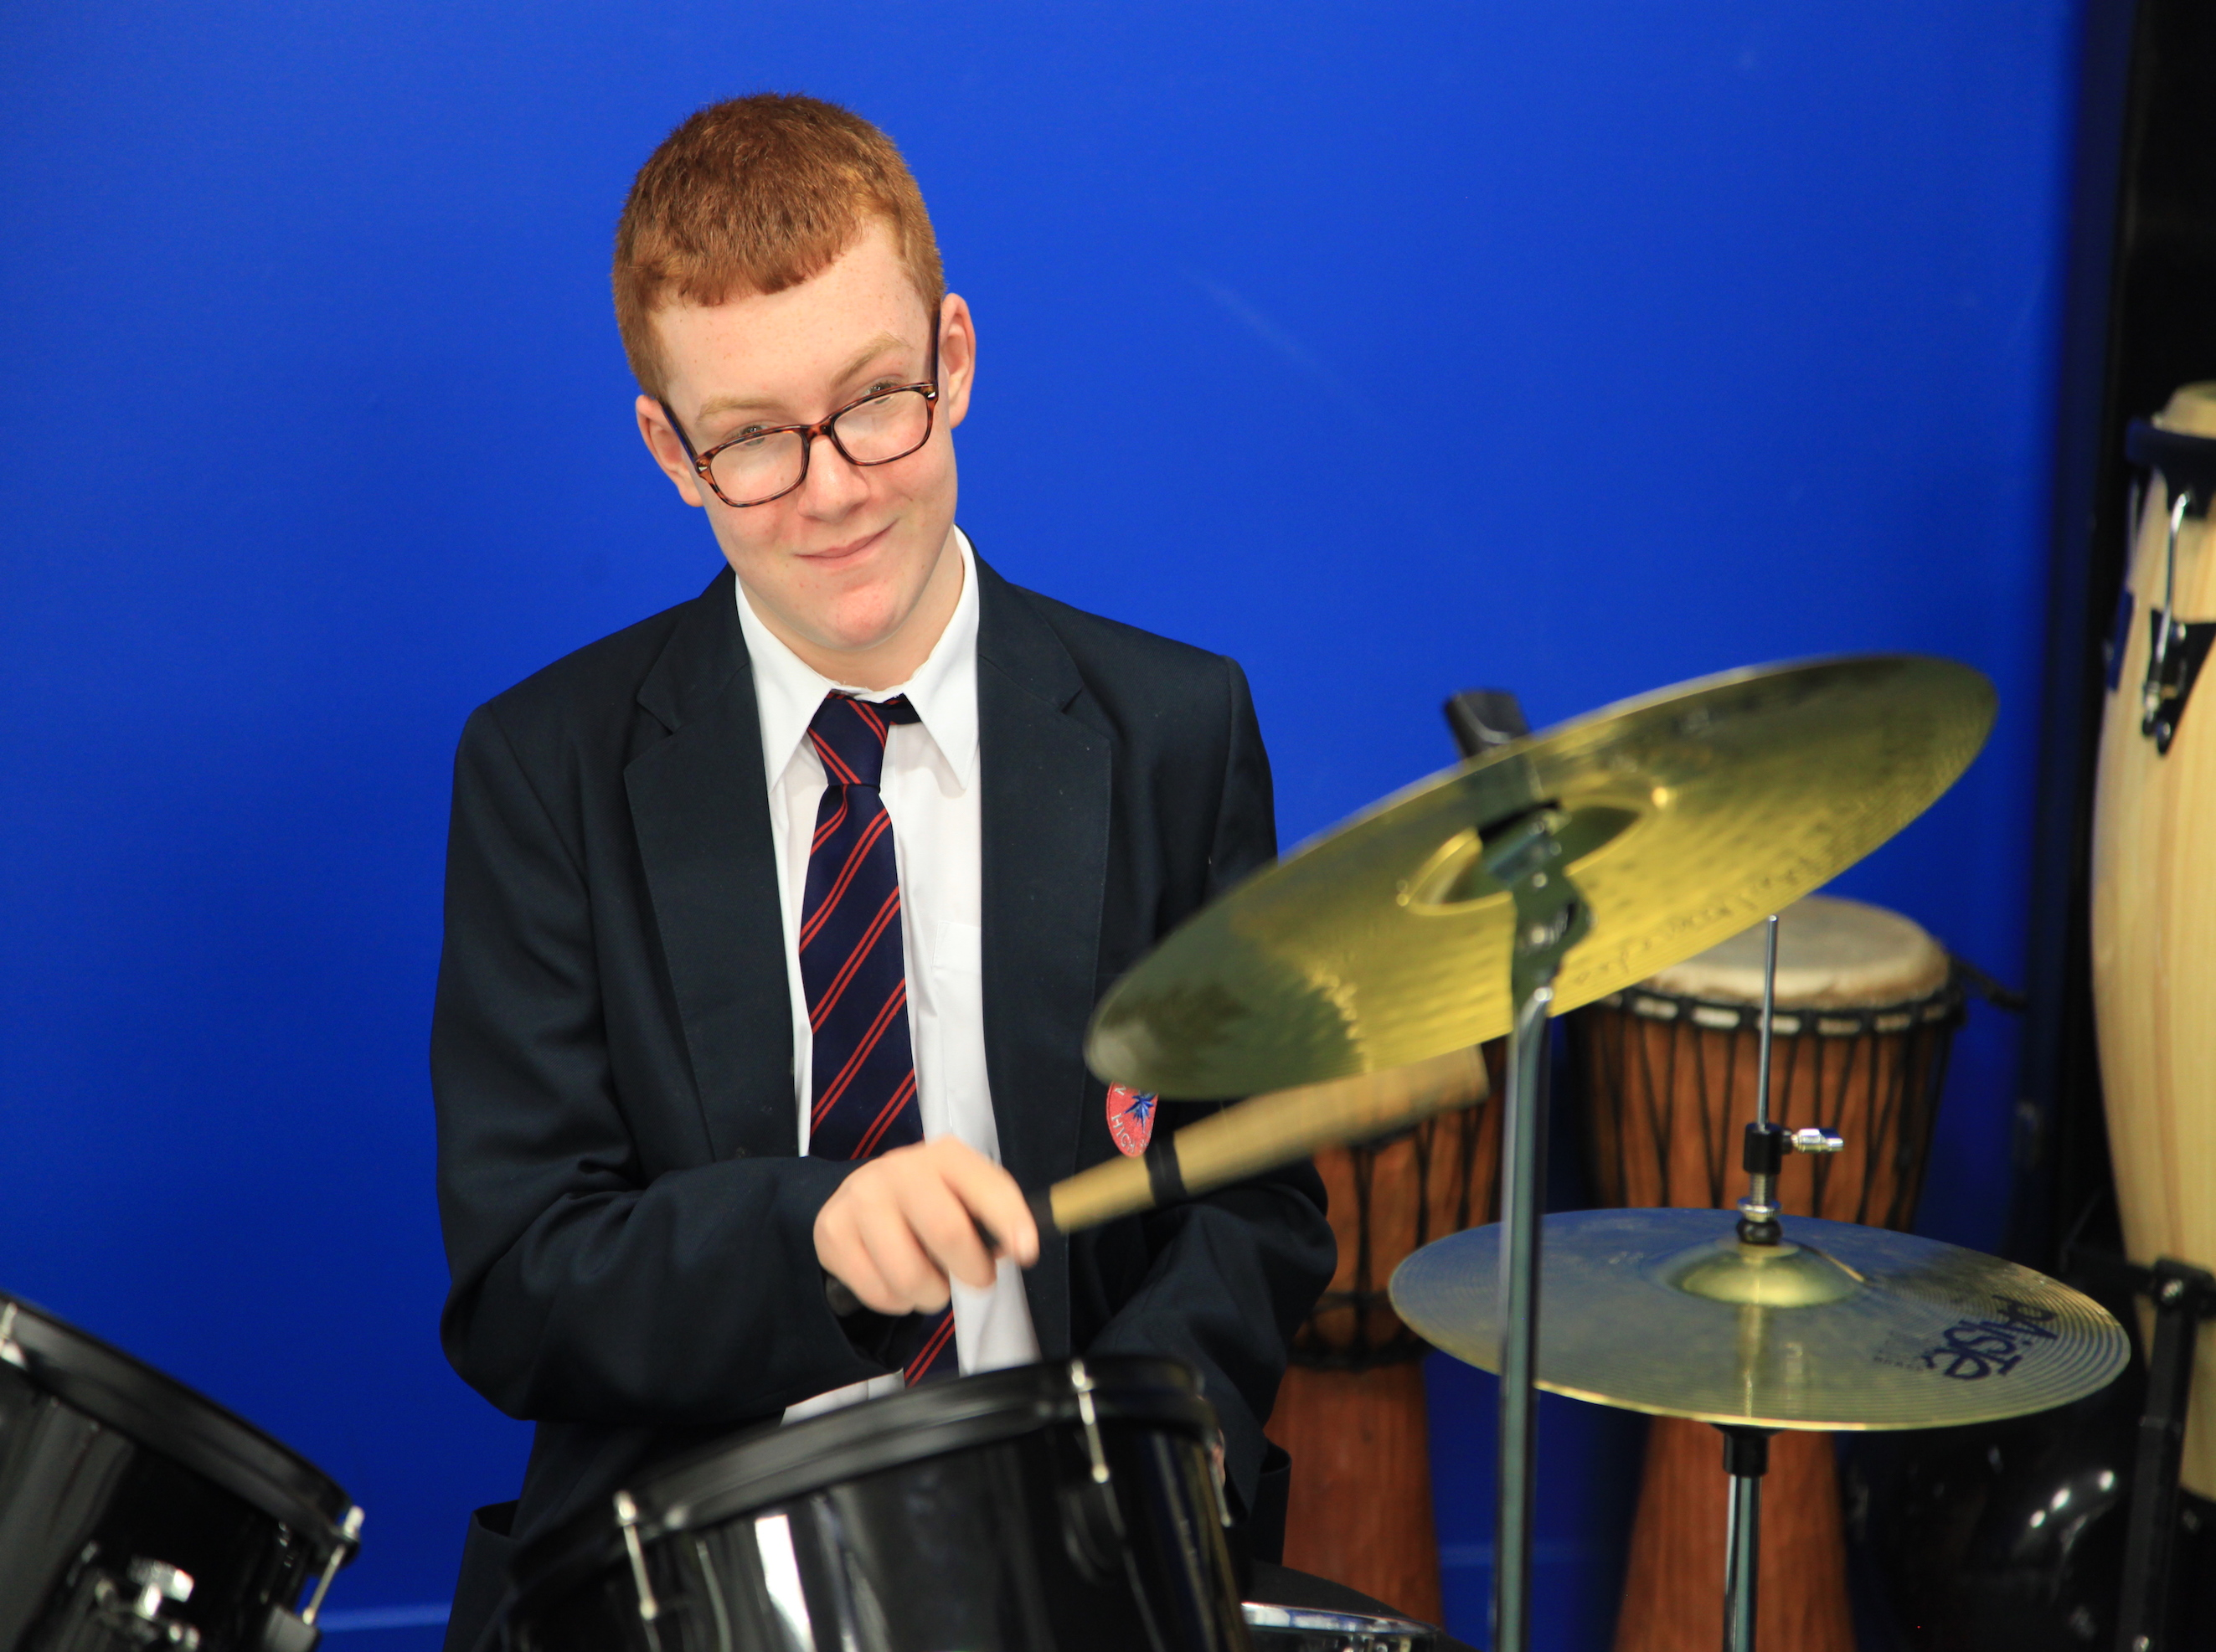 Declan Drums